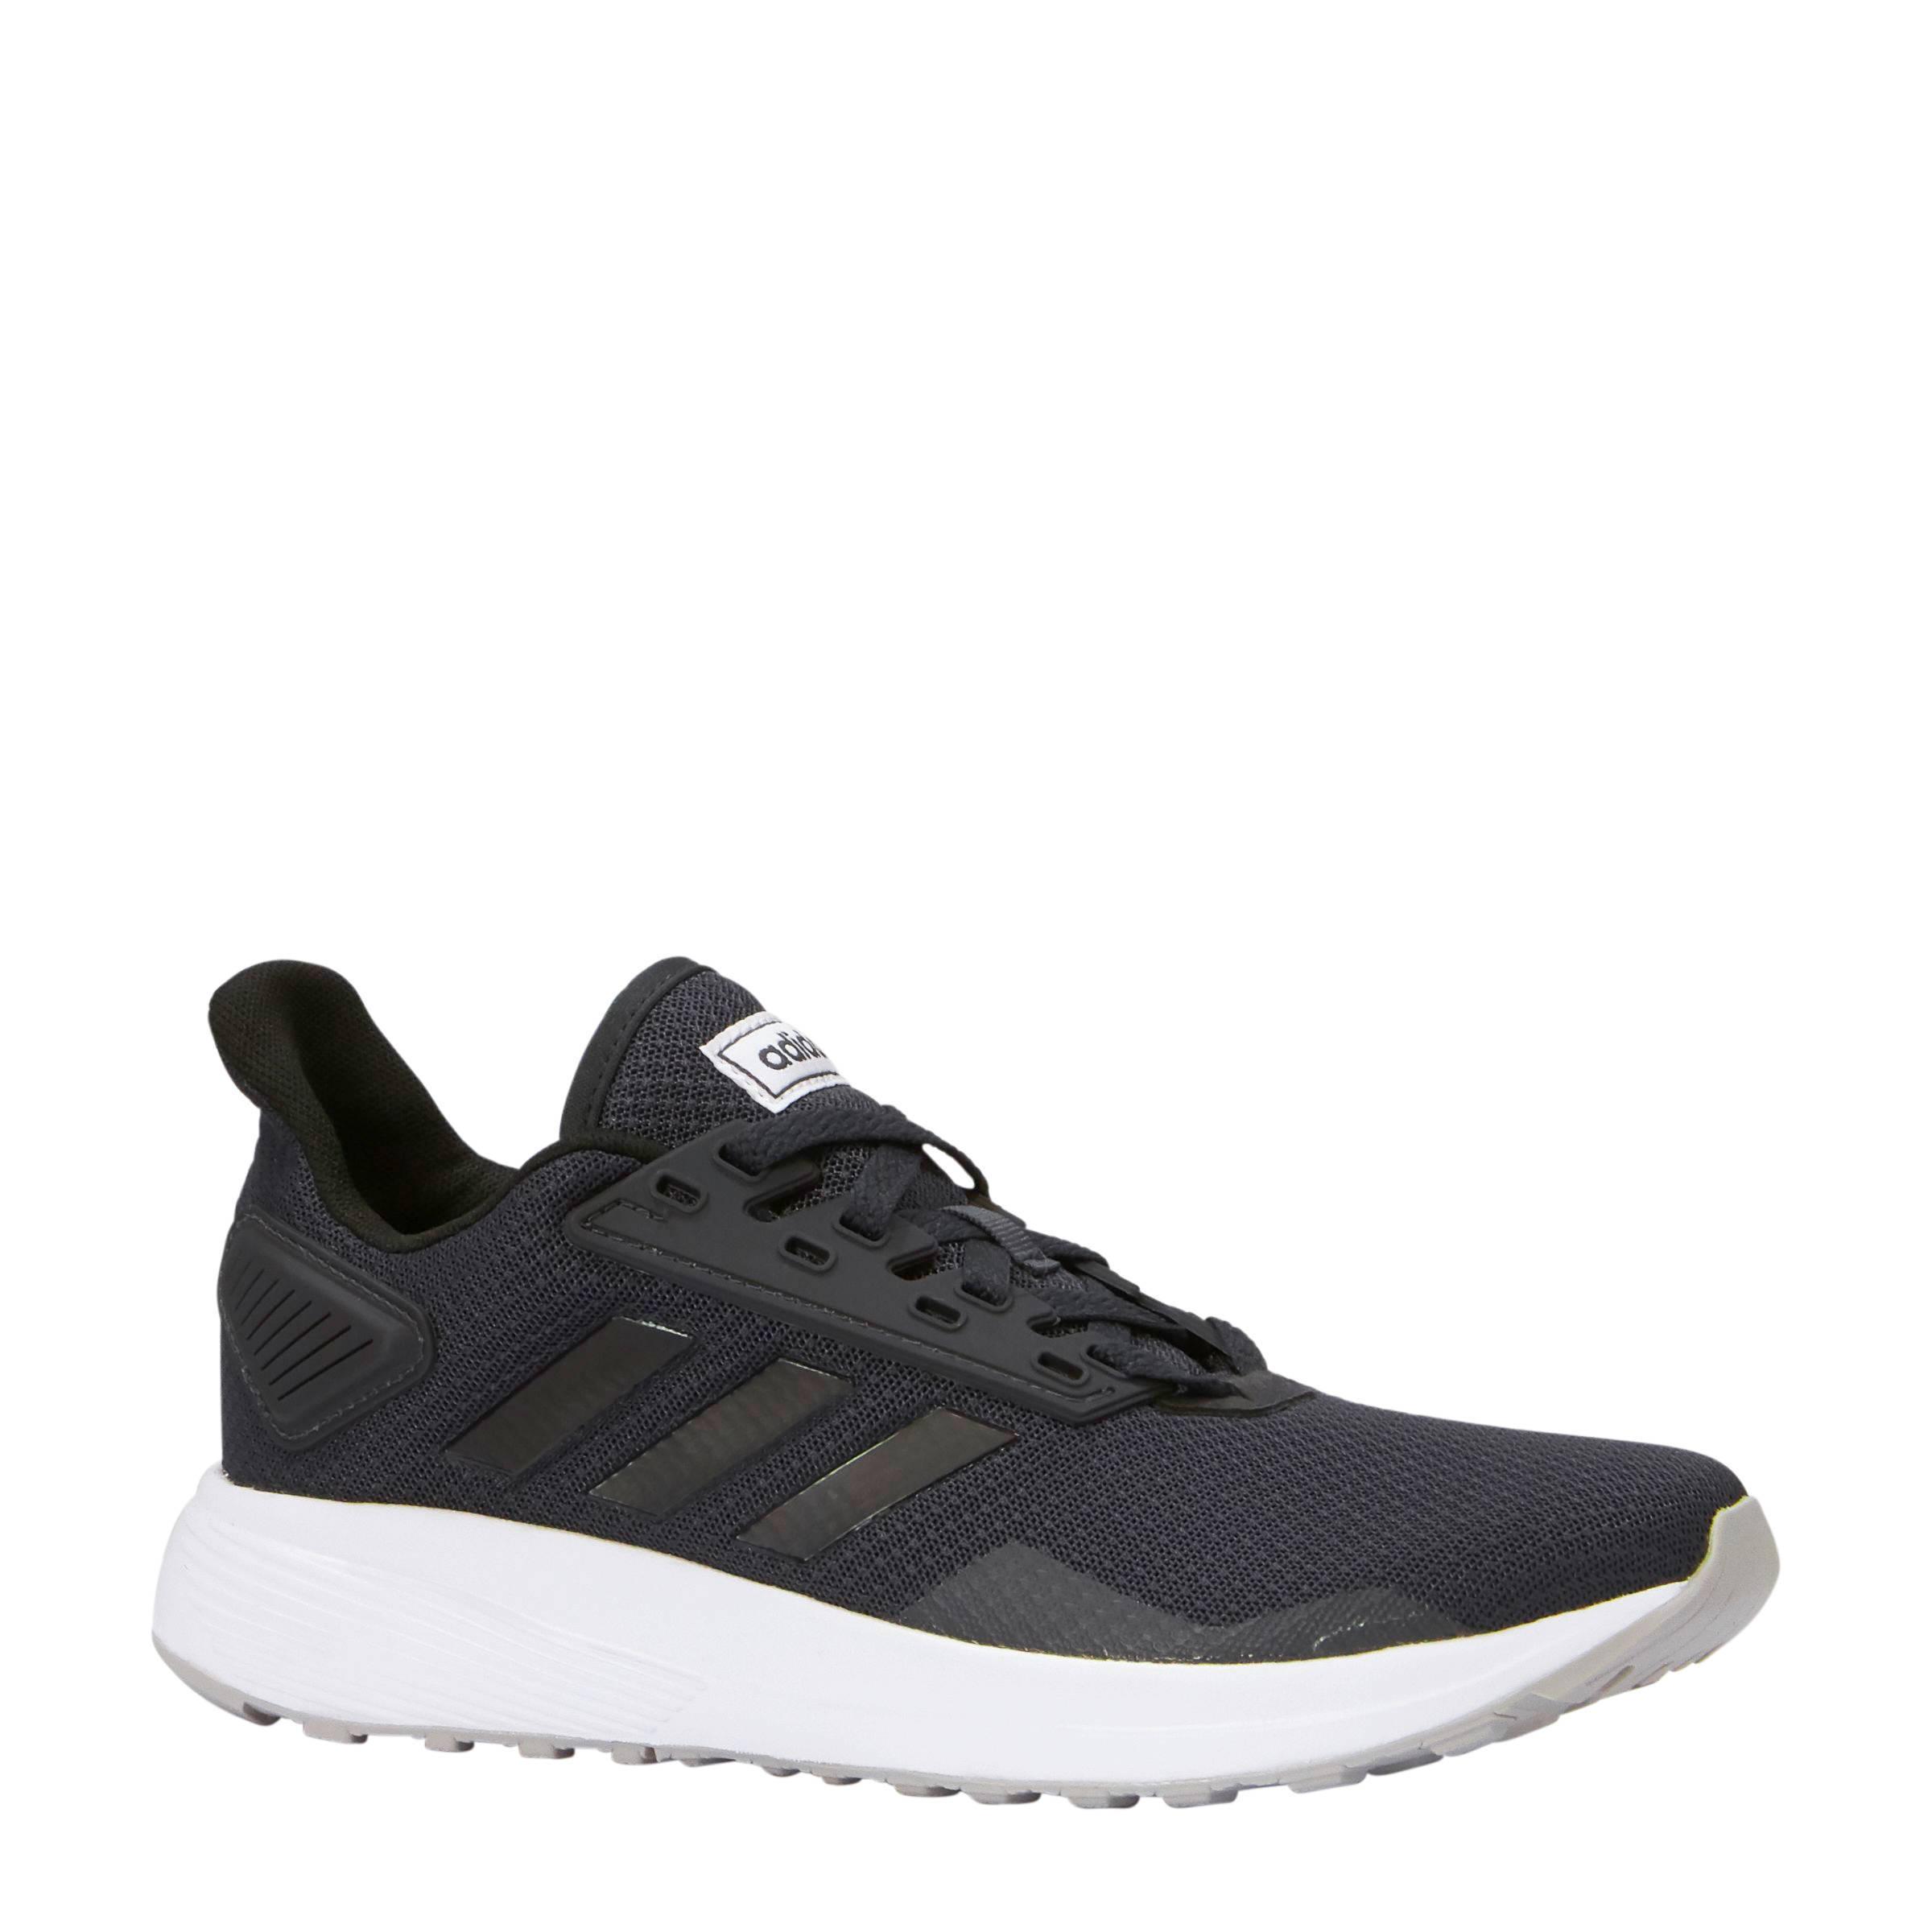 buy online 64d9a 07db4 SALE Hardloopkleding bij wehkamp - Gratis bezorging vanaf 20